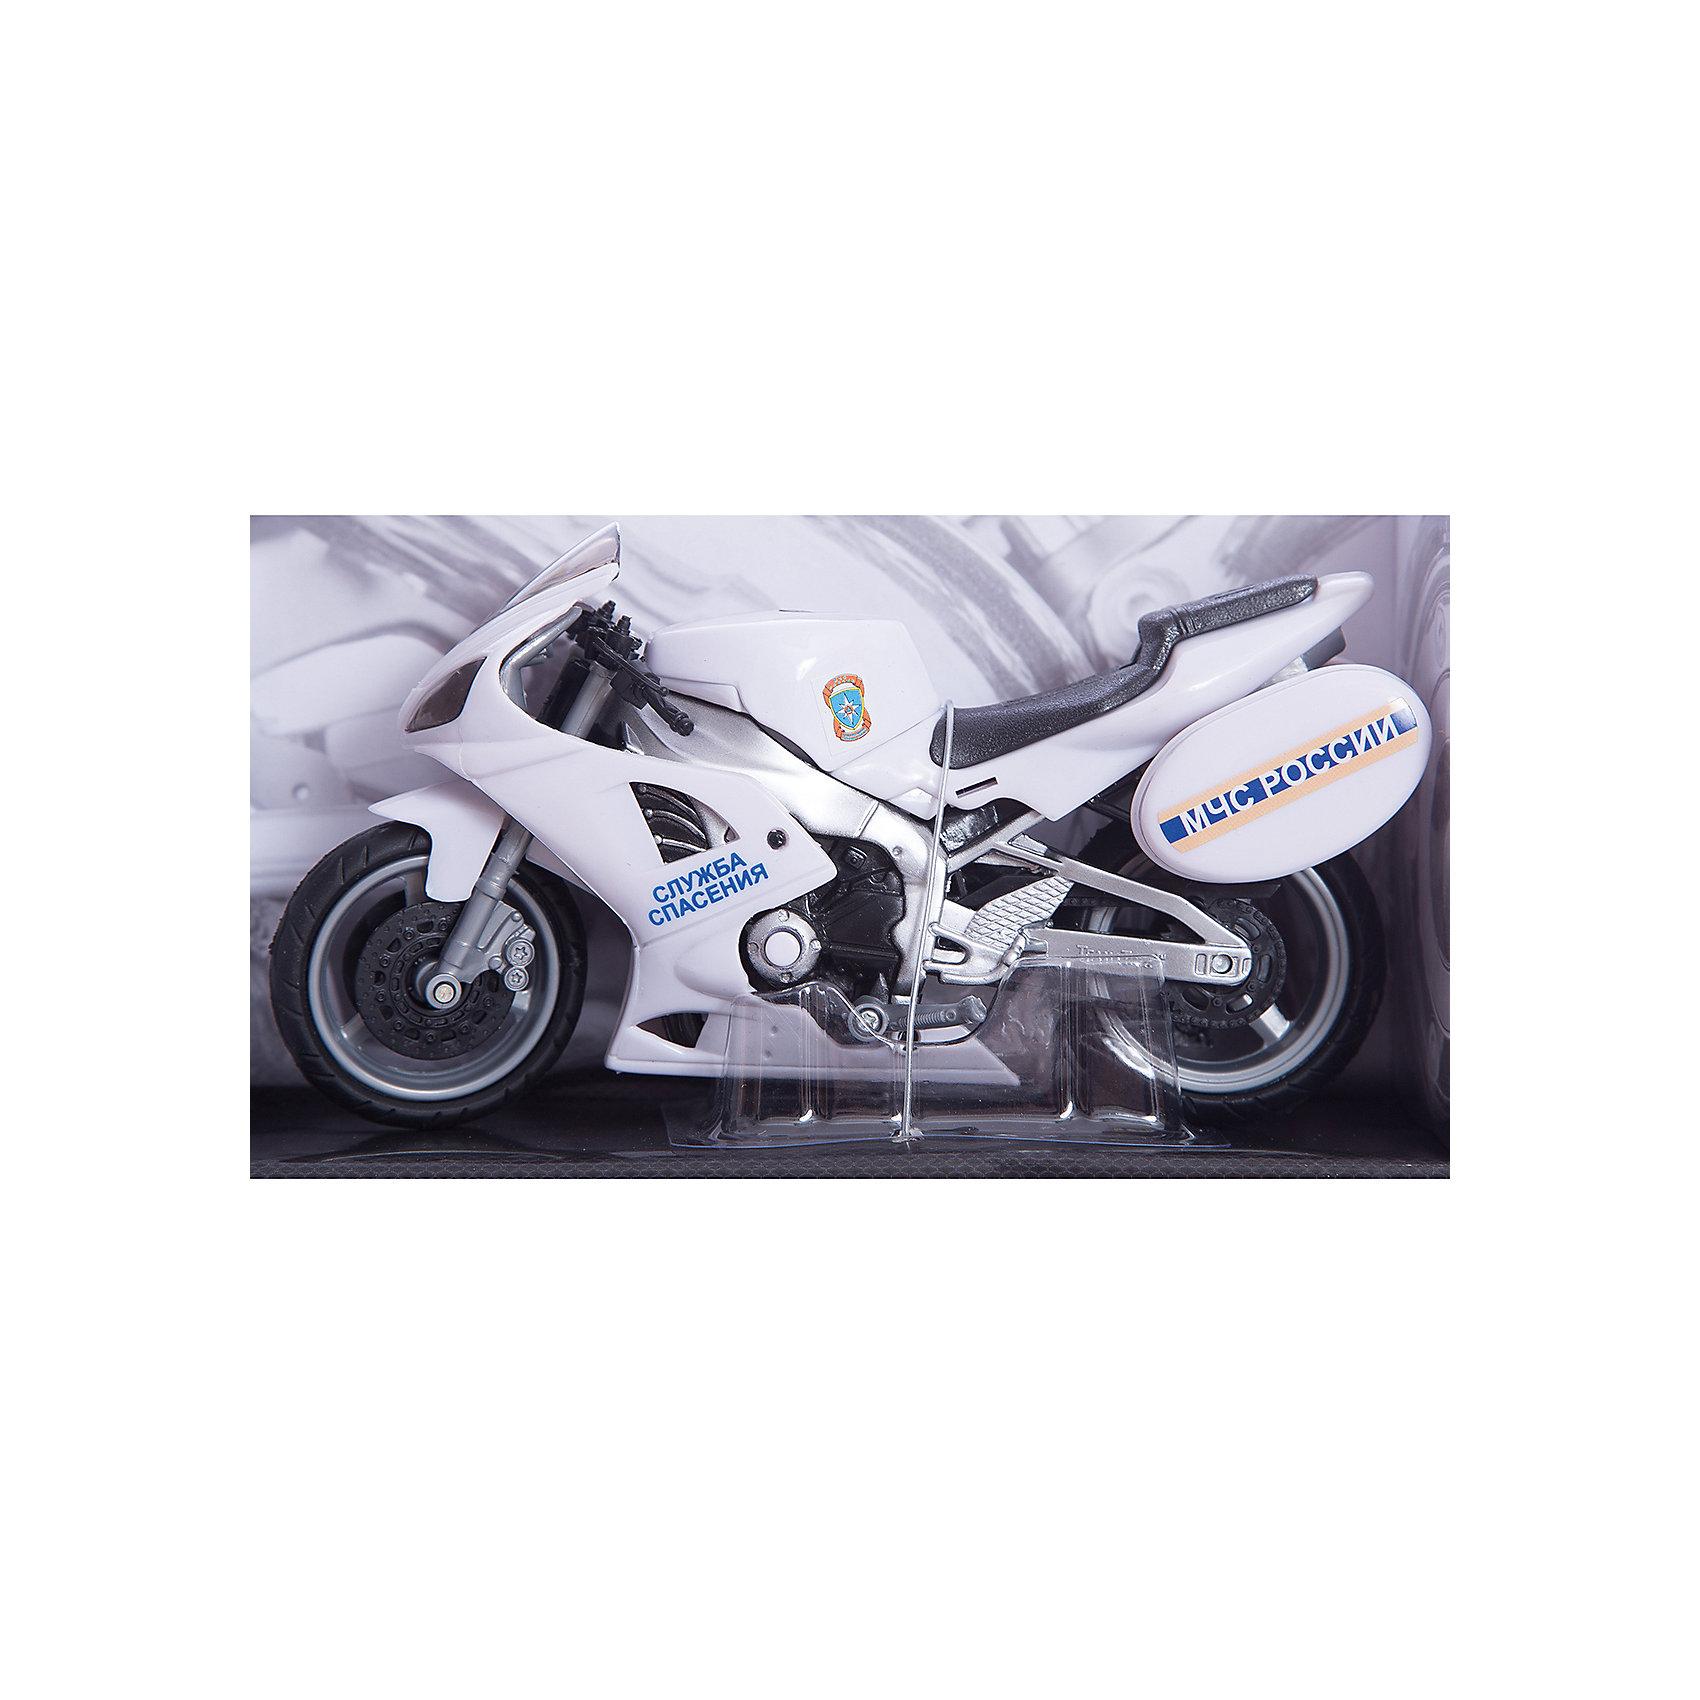 Мотоцикл Emergency Bike МЧС, звук 1:12, AutotimeМашинки<br>Характеристики товара:<br><br>• цвет: белый<br>• возраст: от 3 лет<br>• материал: металл, пластик<br>• масштаб: 1:16<br>• колеса крутятся<br>• инерционная<br>• звуковые эффекты<br>• батарейки: 2 х AG13 / LR44 (миниатюрные)<br>• входят в комплект<br>• размер упаковки: 12х35х16 см<br>• вес с упаковкой: 500 г<br>• страна бренда: Россия, Китай<br>• страна изготовитель: Китай<br><br><br>Такой мотоцикл отличается звуковыми эффектами, которые он издает при его катании. Также стоит отметить высокую степень детализации и инерционный механизм. <br><br>Сделан мотоцикл из прочного и безопасного металла с добавление пластмассы. Работает на батарейках.<br><br>Мотоцикл «Emergency Bike МЧС, звук 1:12», Autotime (Автотайм) можно купить в нашем интернет-магазине.<br><br>Ширина мм: 350<br>Глубина мм: 158<br>Высота мм: 120<br>Вес г: 15<br>Возраст от месяцев: 36<br>Возраст до месяцев: 2147483647<br>Пол: Мужской<br>Возраст: Детский<br>SKU: 5584123